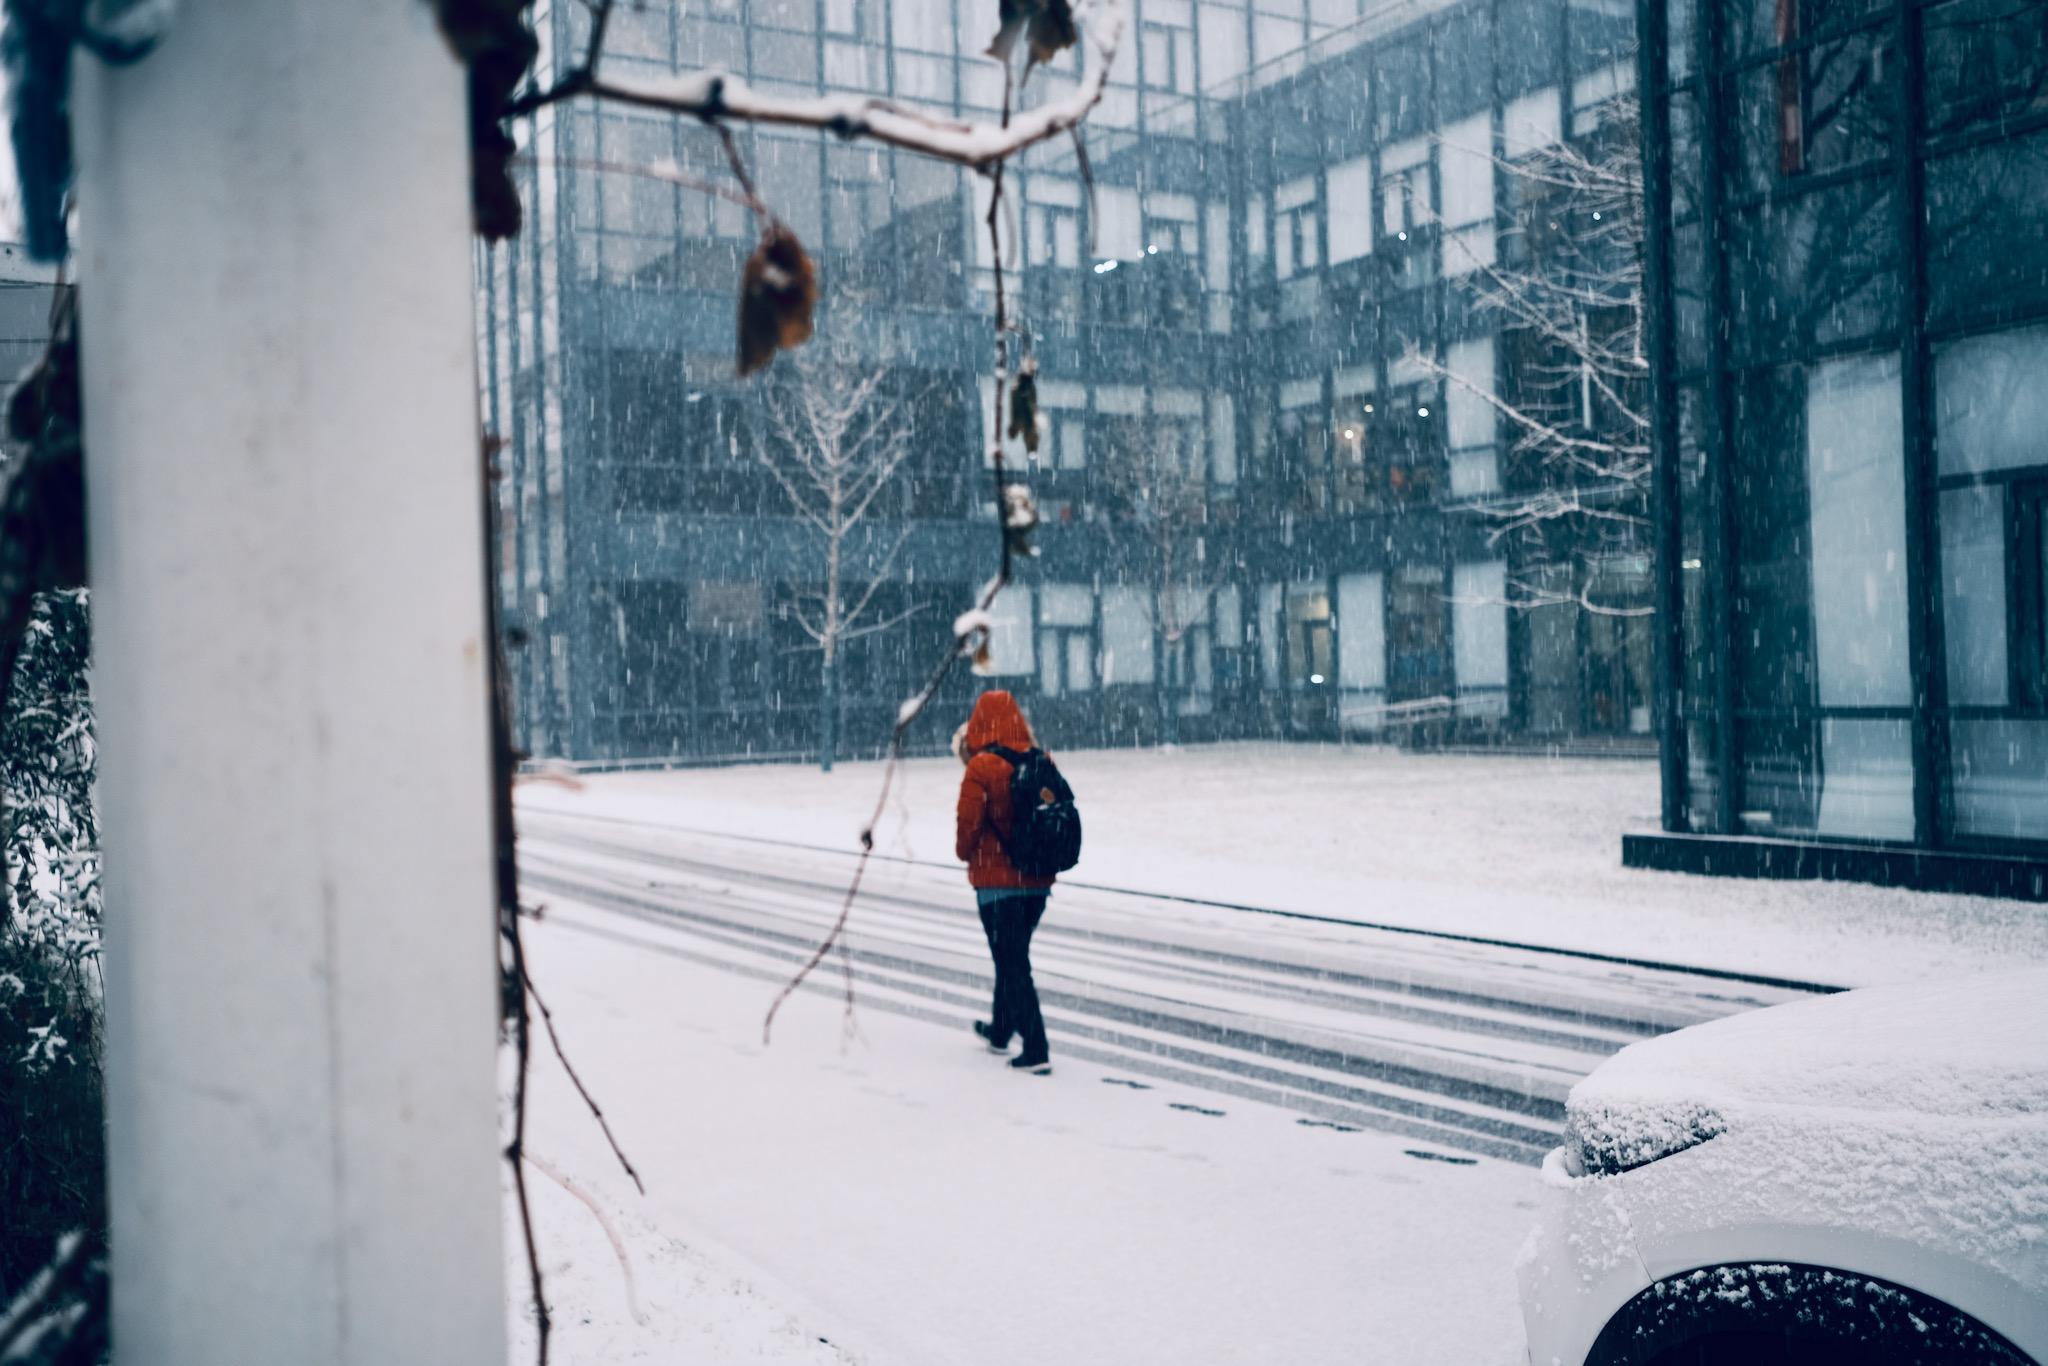 雪中行人和车